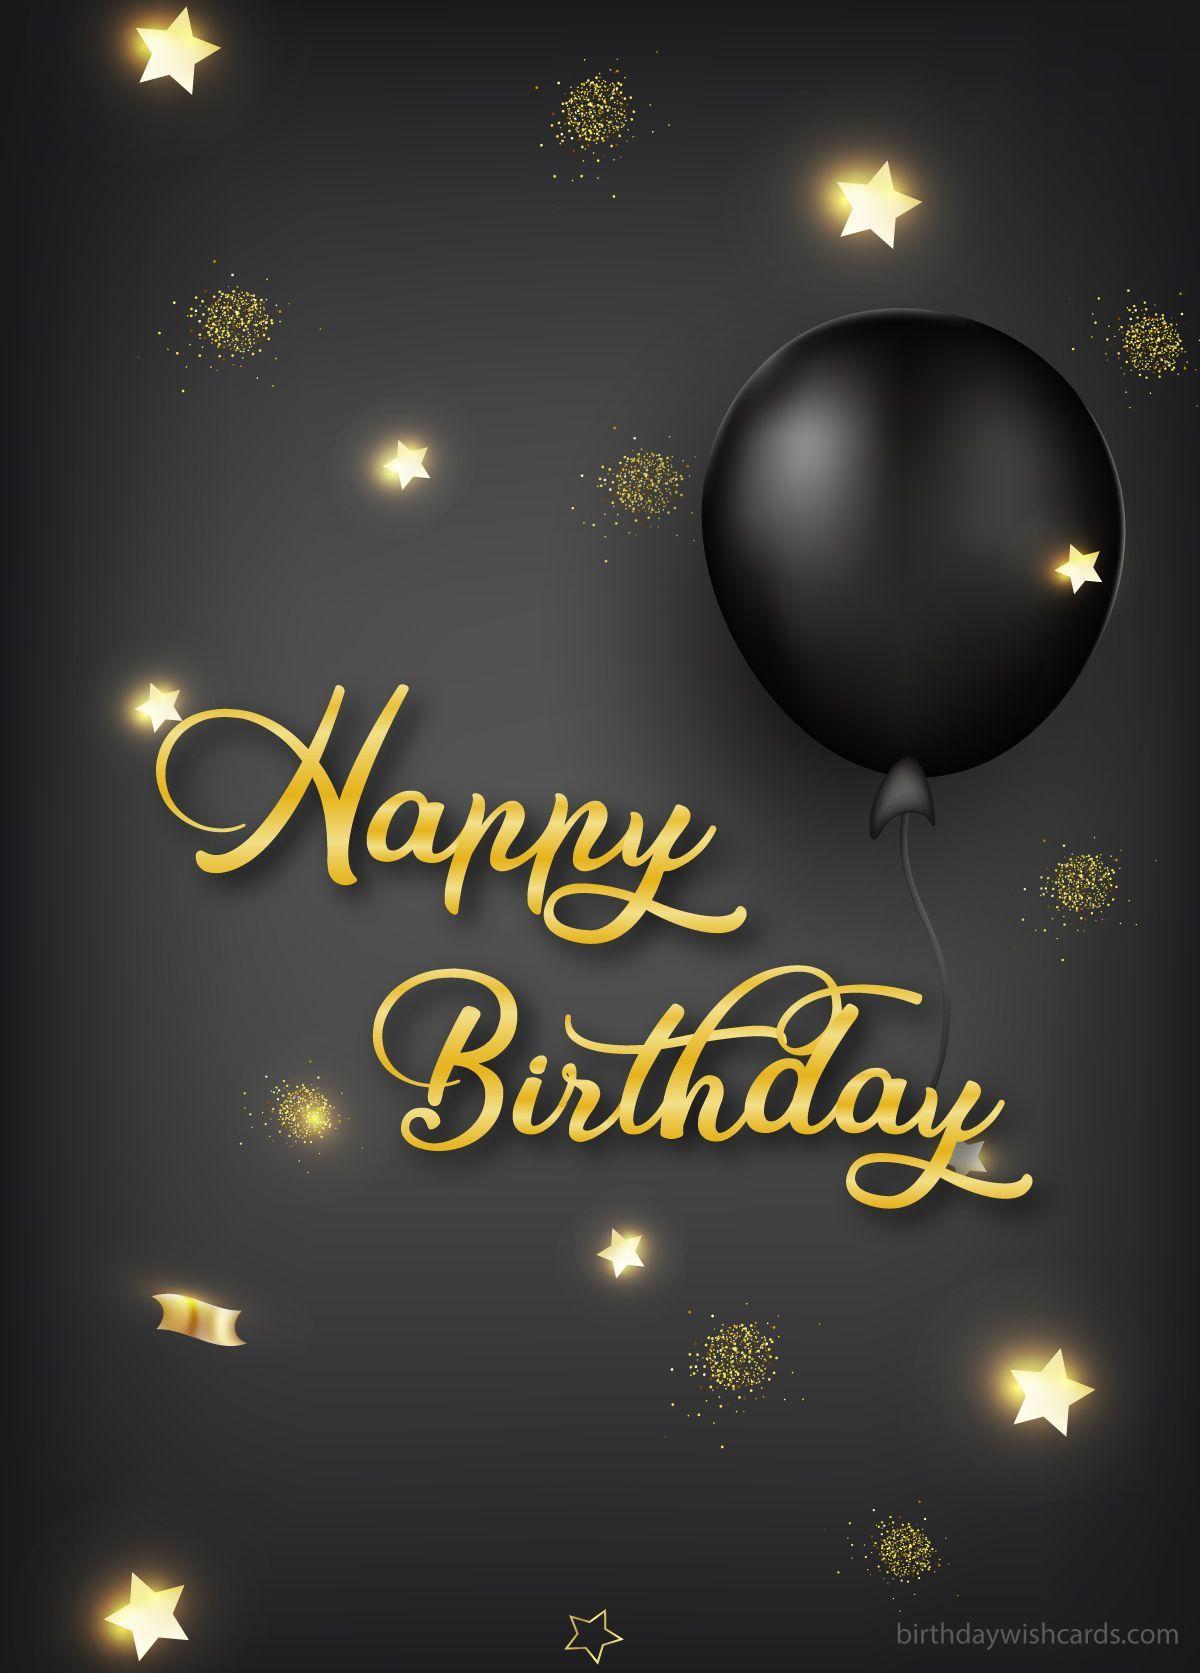 Alles Gute Zum Geburtstag Bild In 2020 Alles Gute Zum Geburtstag